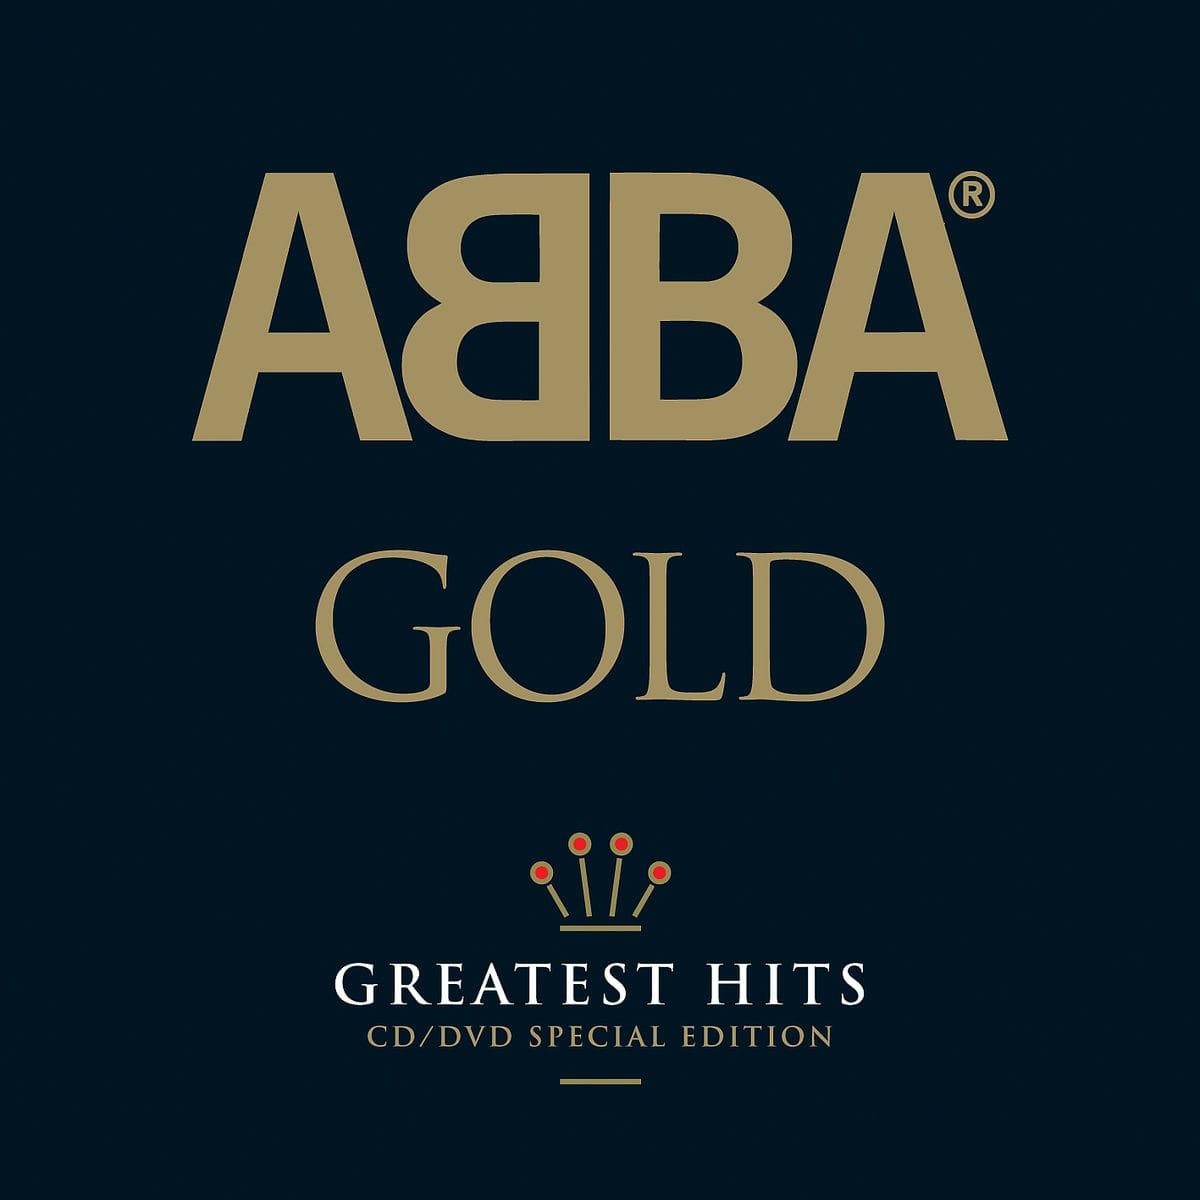 """""""ABBA Gold"""" schießt in den USA auf Platz 34 der Billboard 200-Albumcharts"""